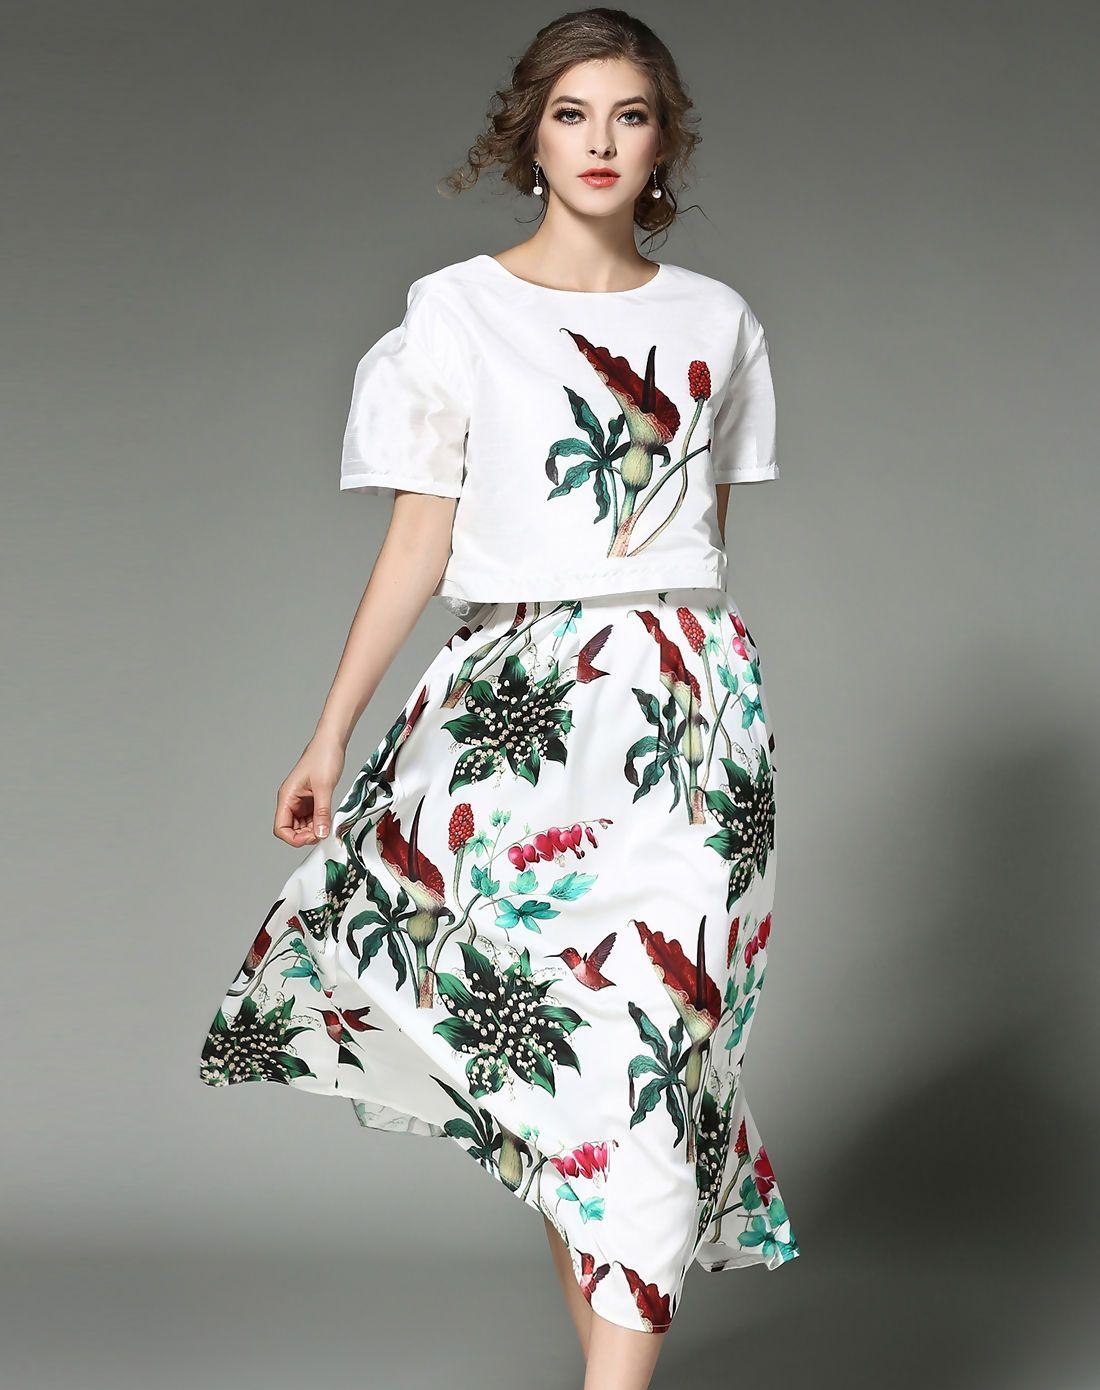 Adorewe vipme aline dresses tangjie floral two piece crop t